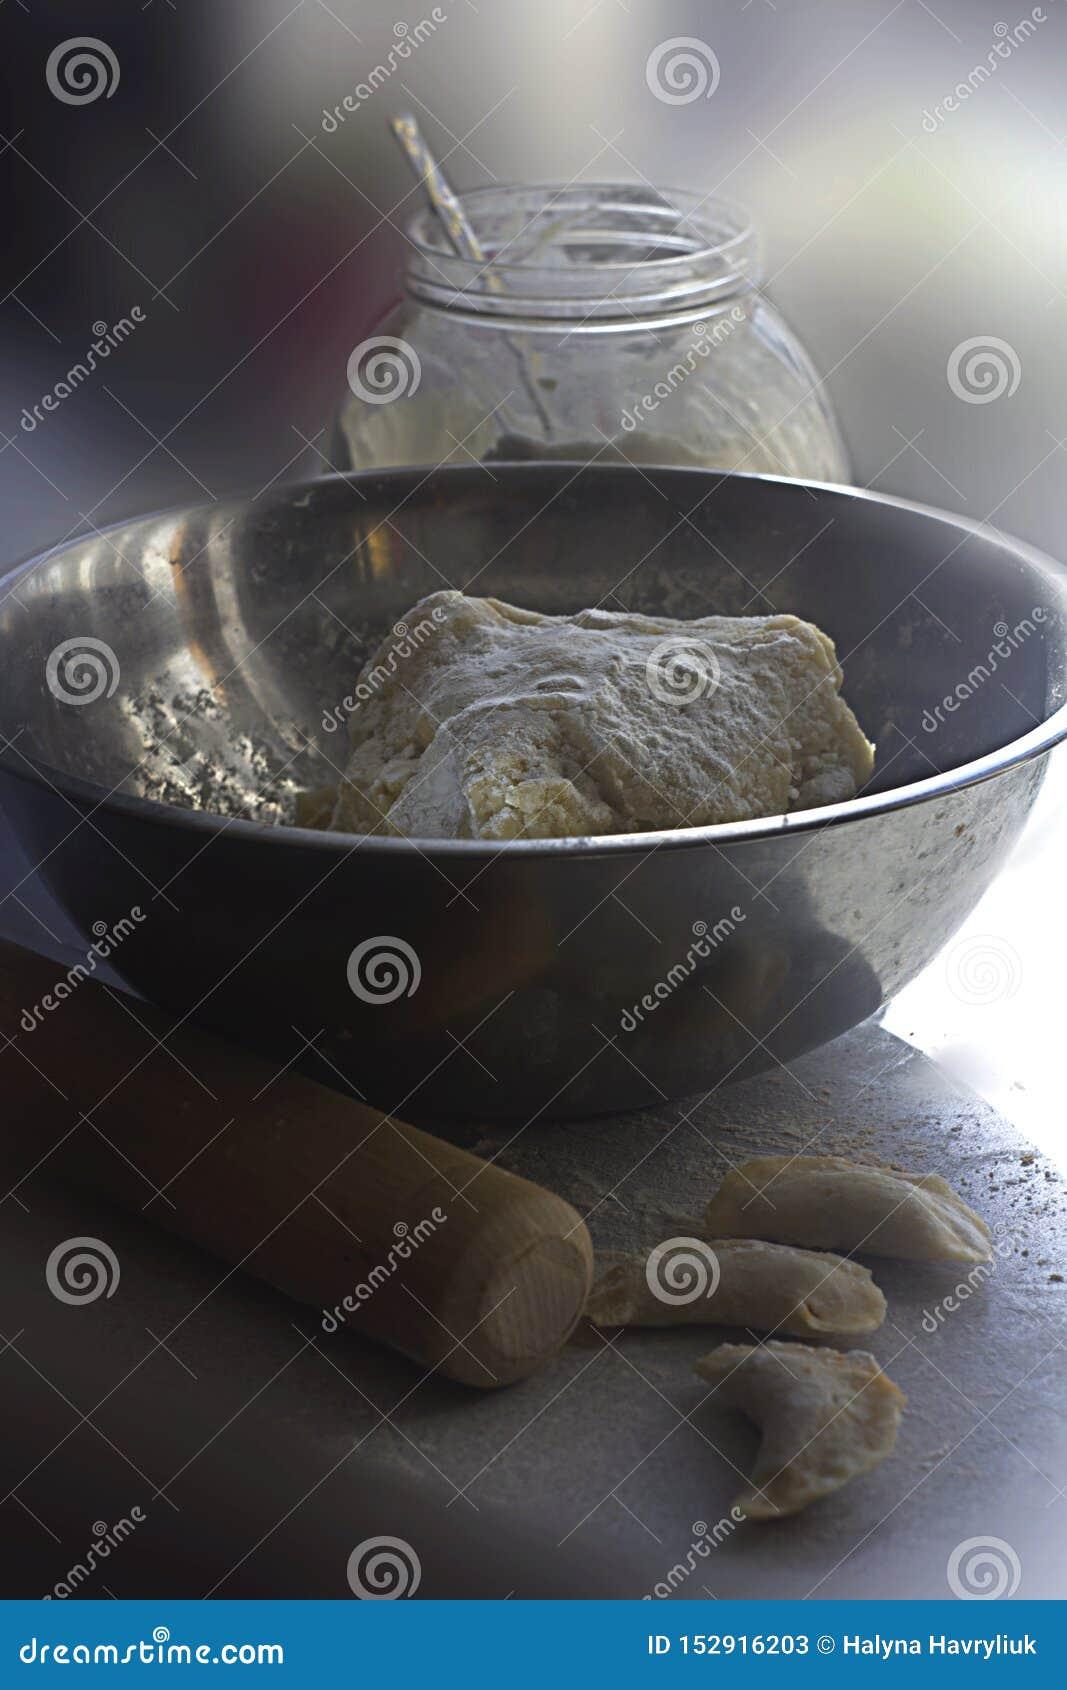 Farine, blanc, pâte, fond, cuisson, faite maison, verre, nourriture, saine, cuvette, cuillère, pot, organique, savoureux, ingrédi